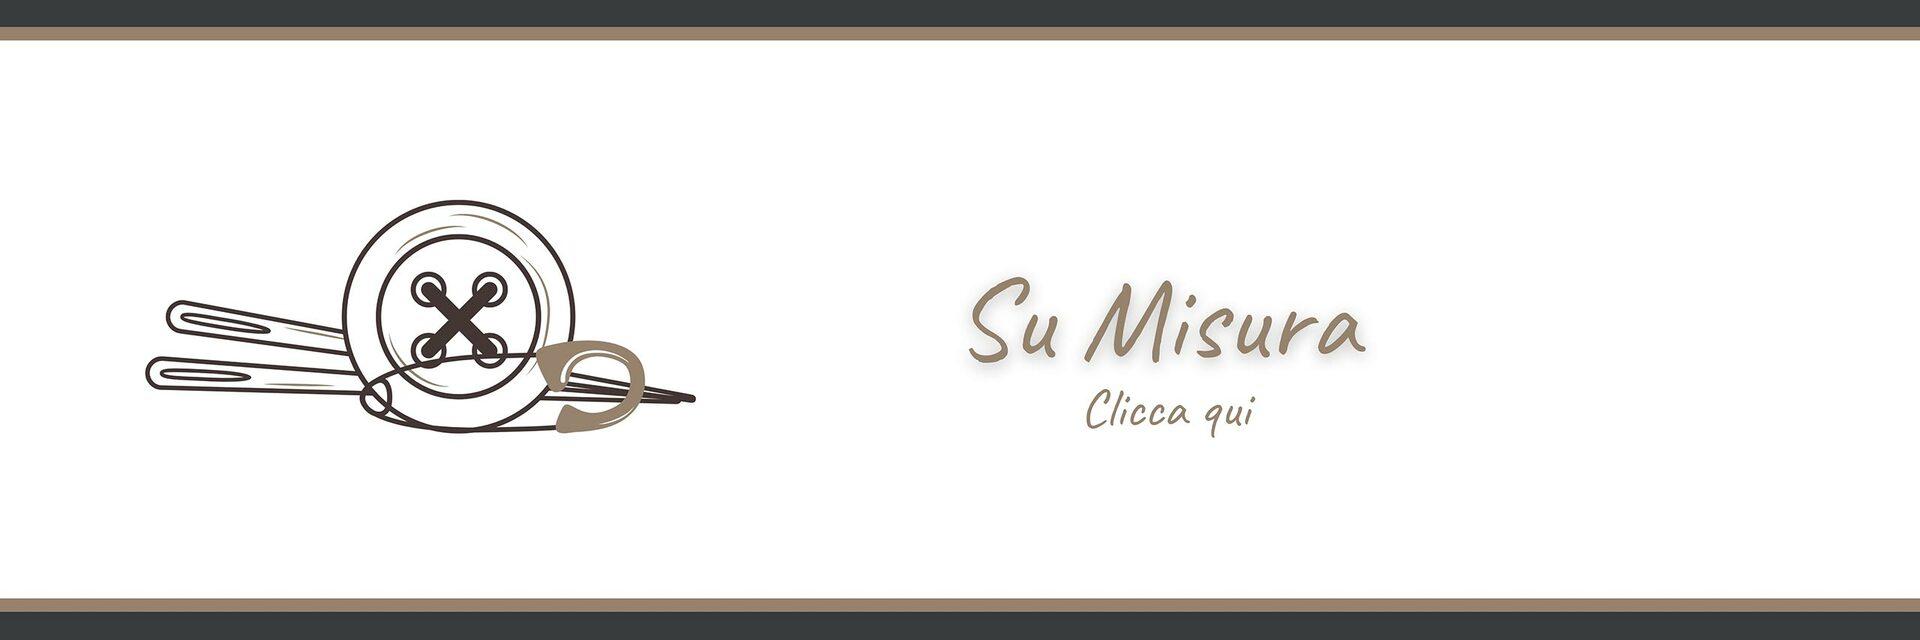 Su Misura